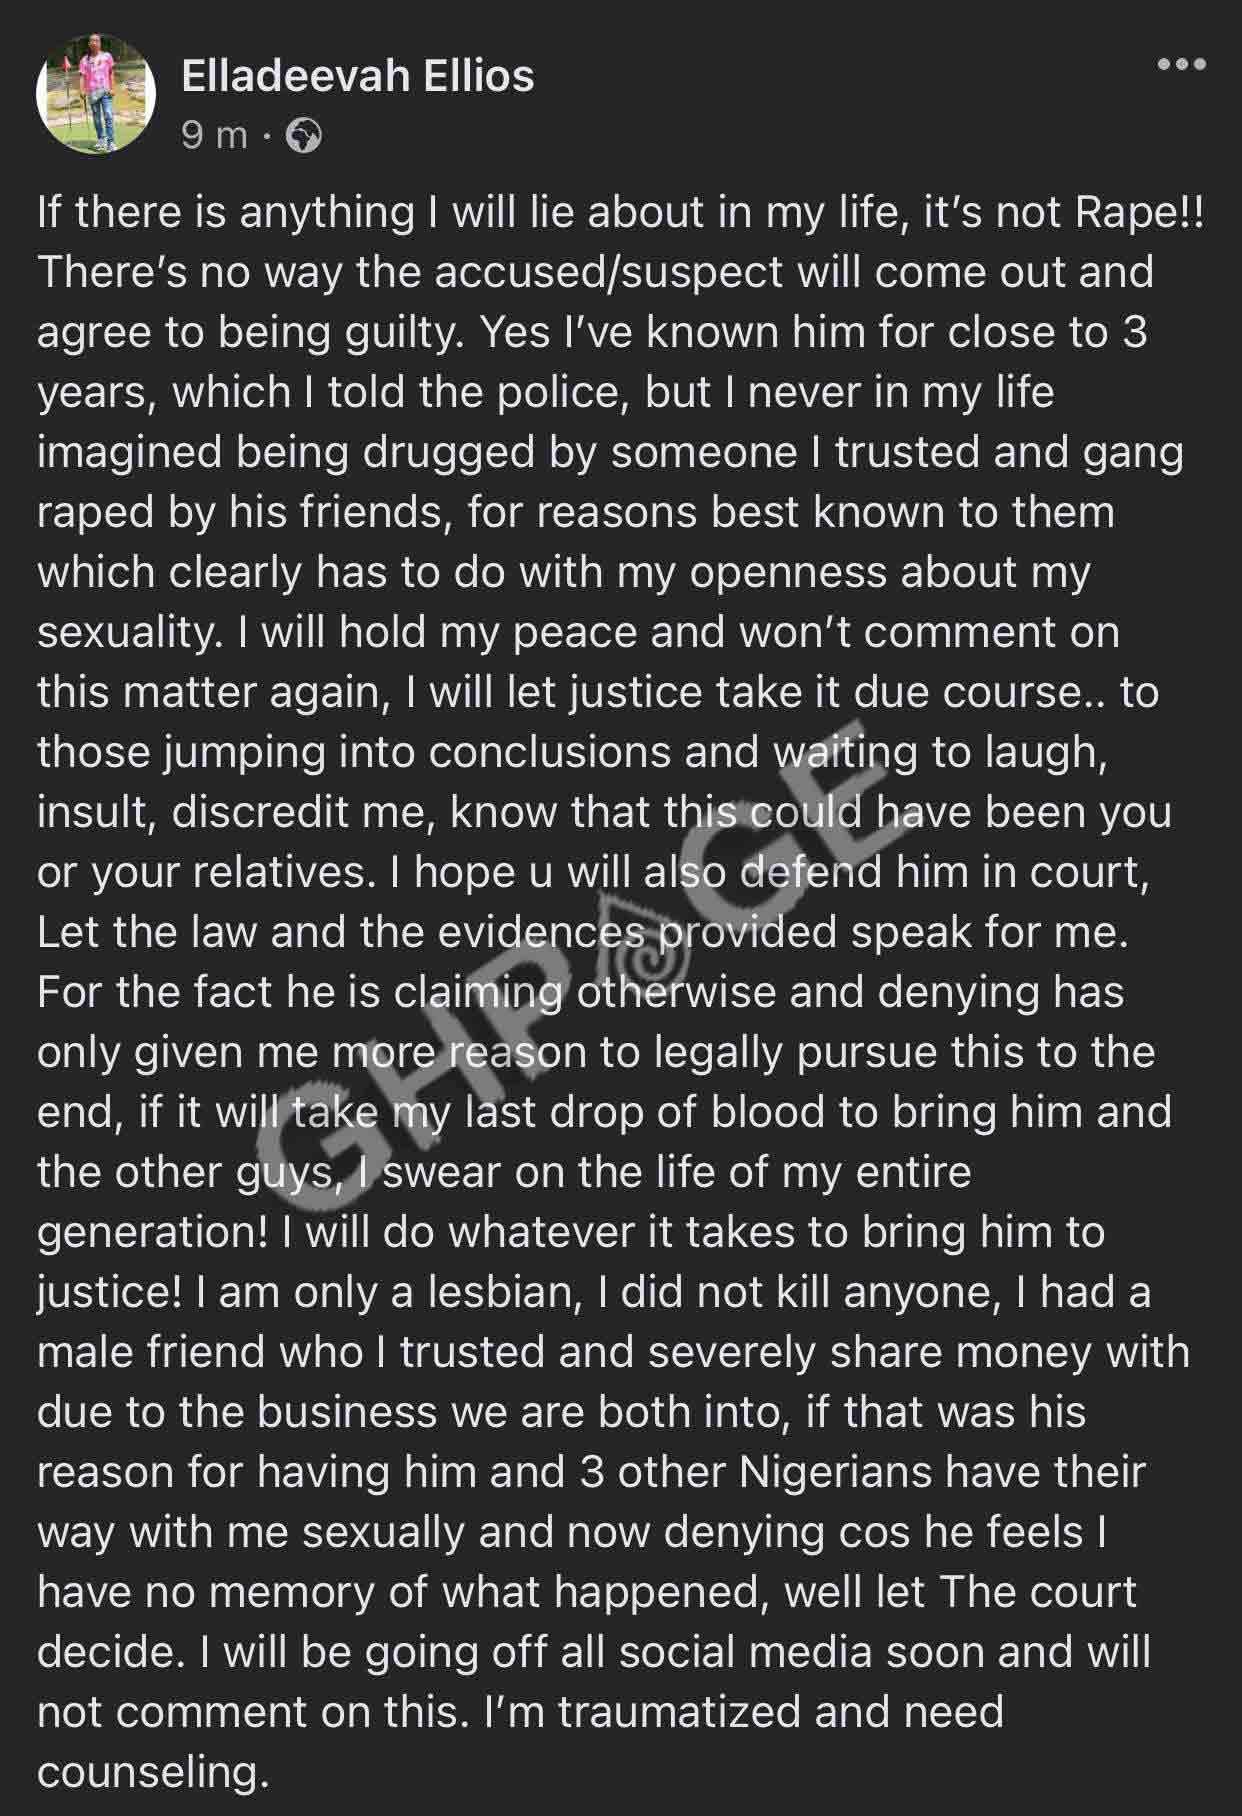 Ghana-based Nigerian Lesbian Raped By 4 Nigerian Men In Ghana